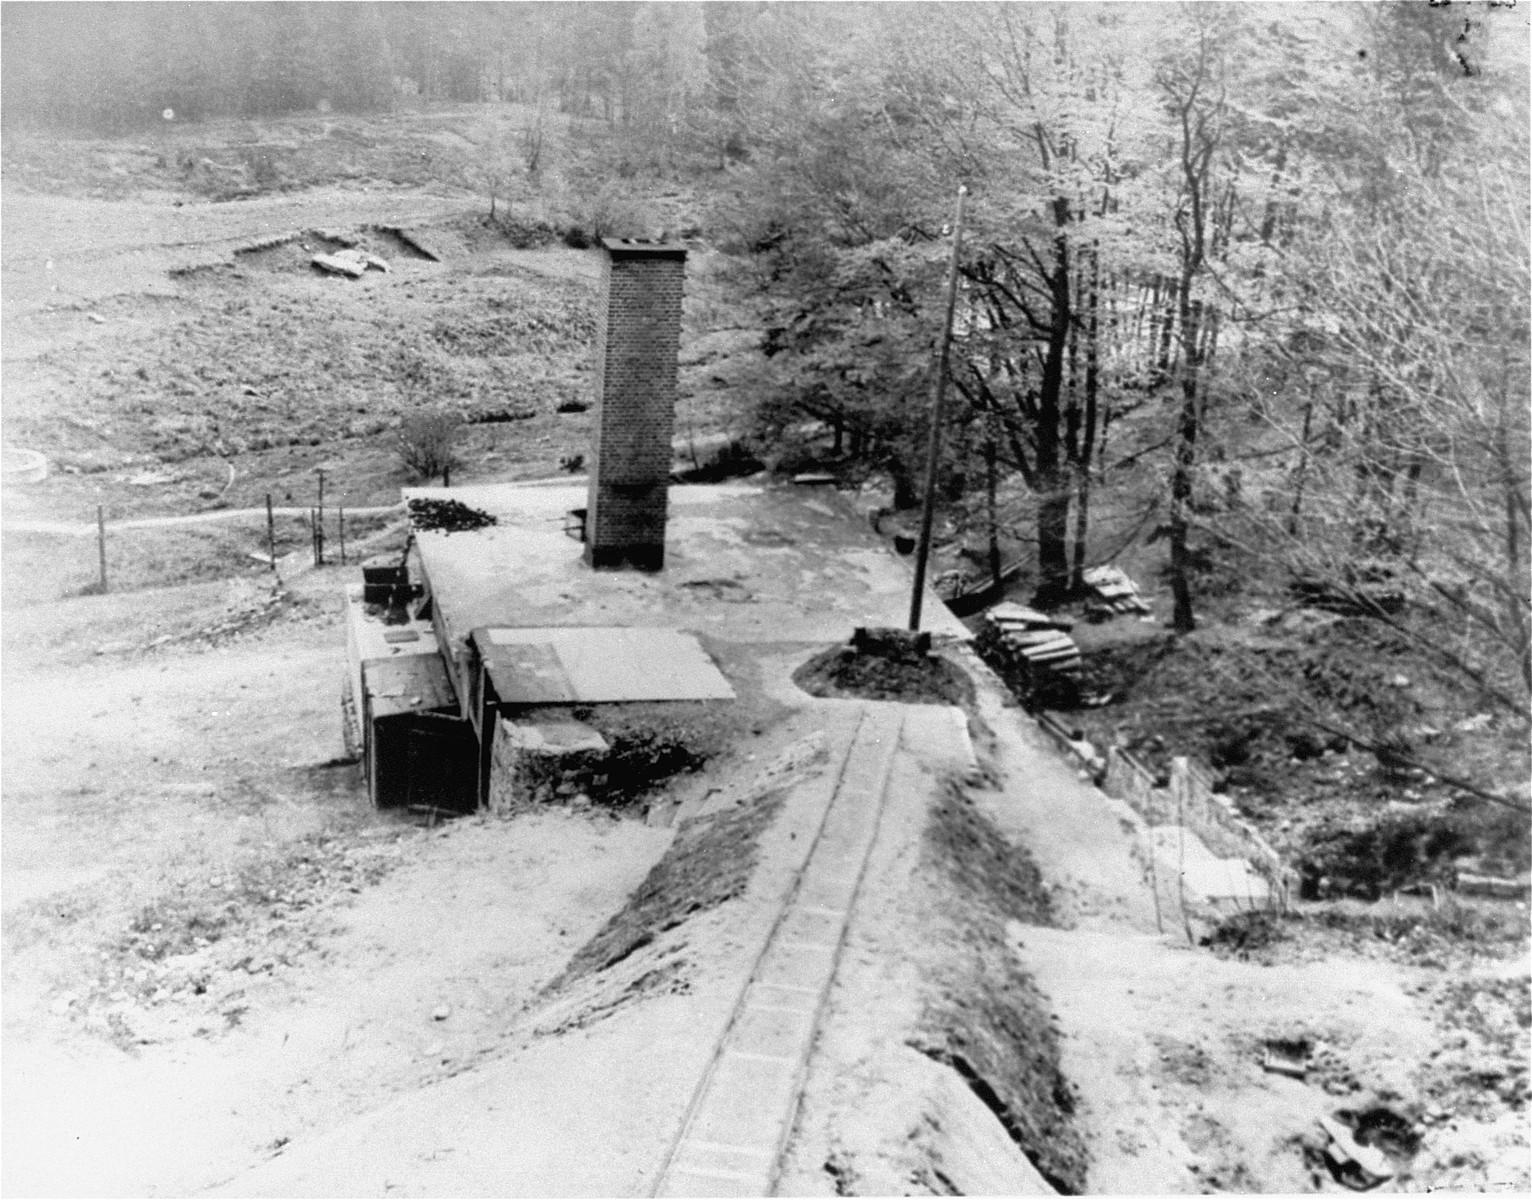 The crematorium in Flossenbuerg.